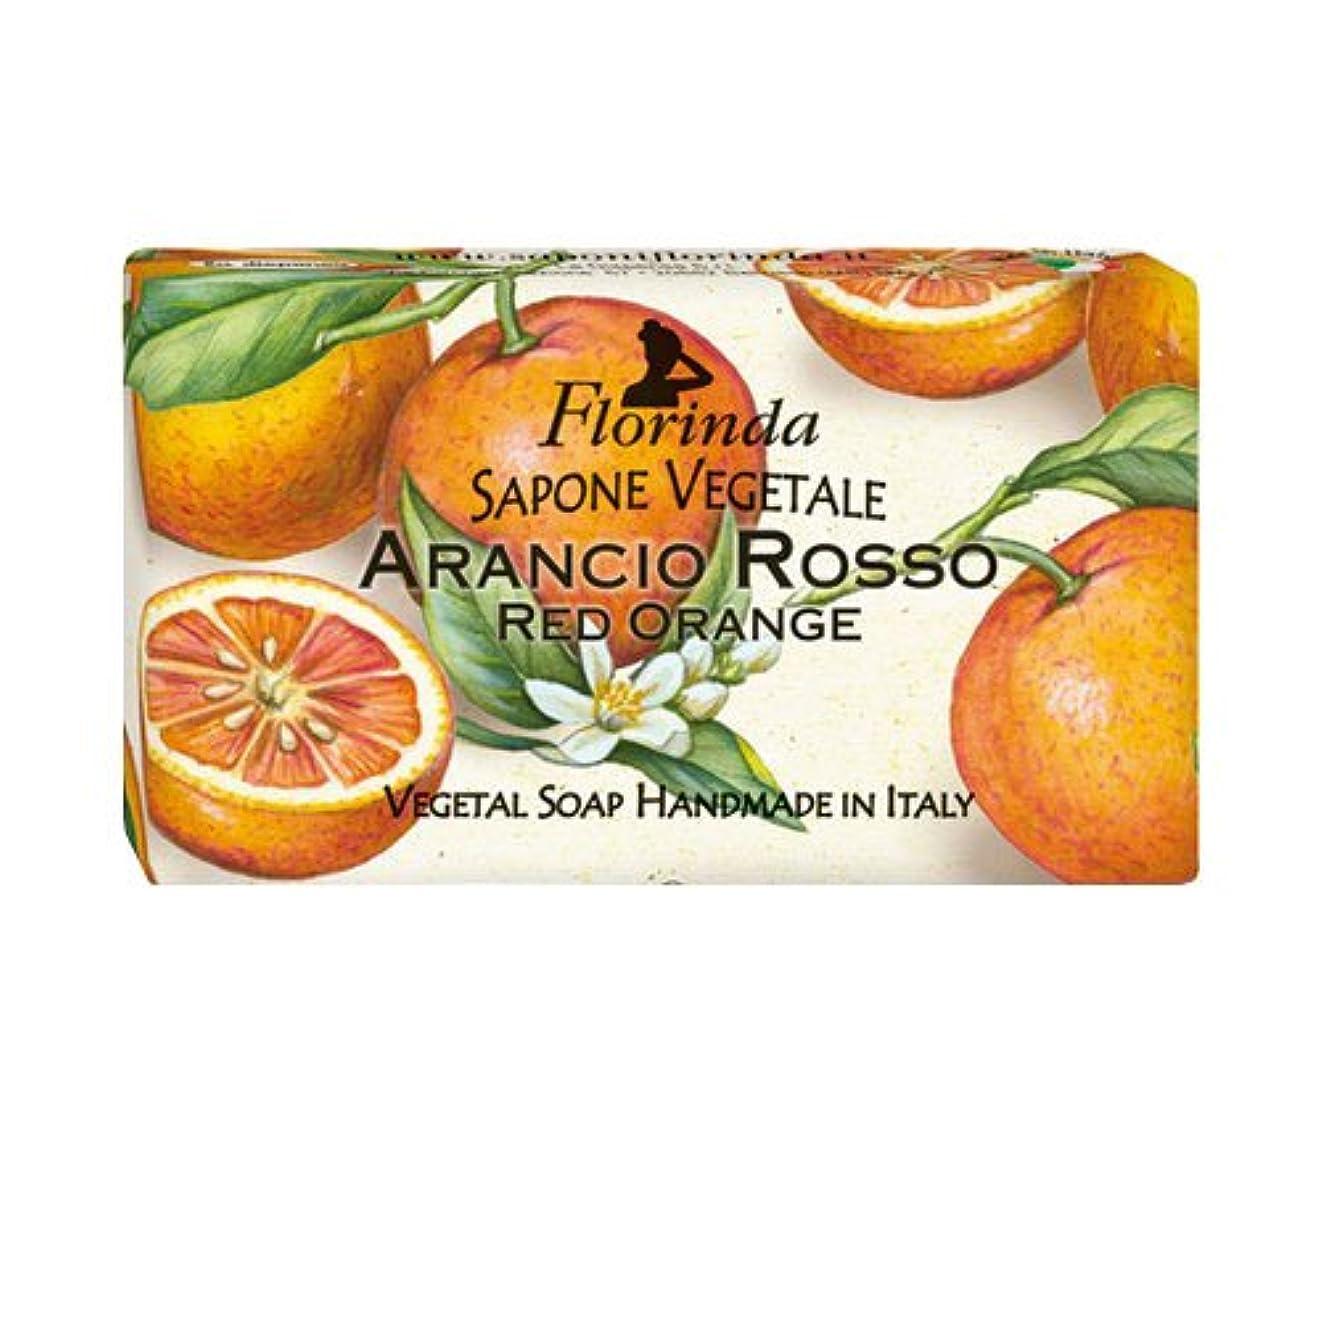 ノートやけど金曜日フロリンダ フレグランスソープ フルーツ レッドオレンジ 95g